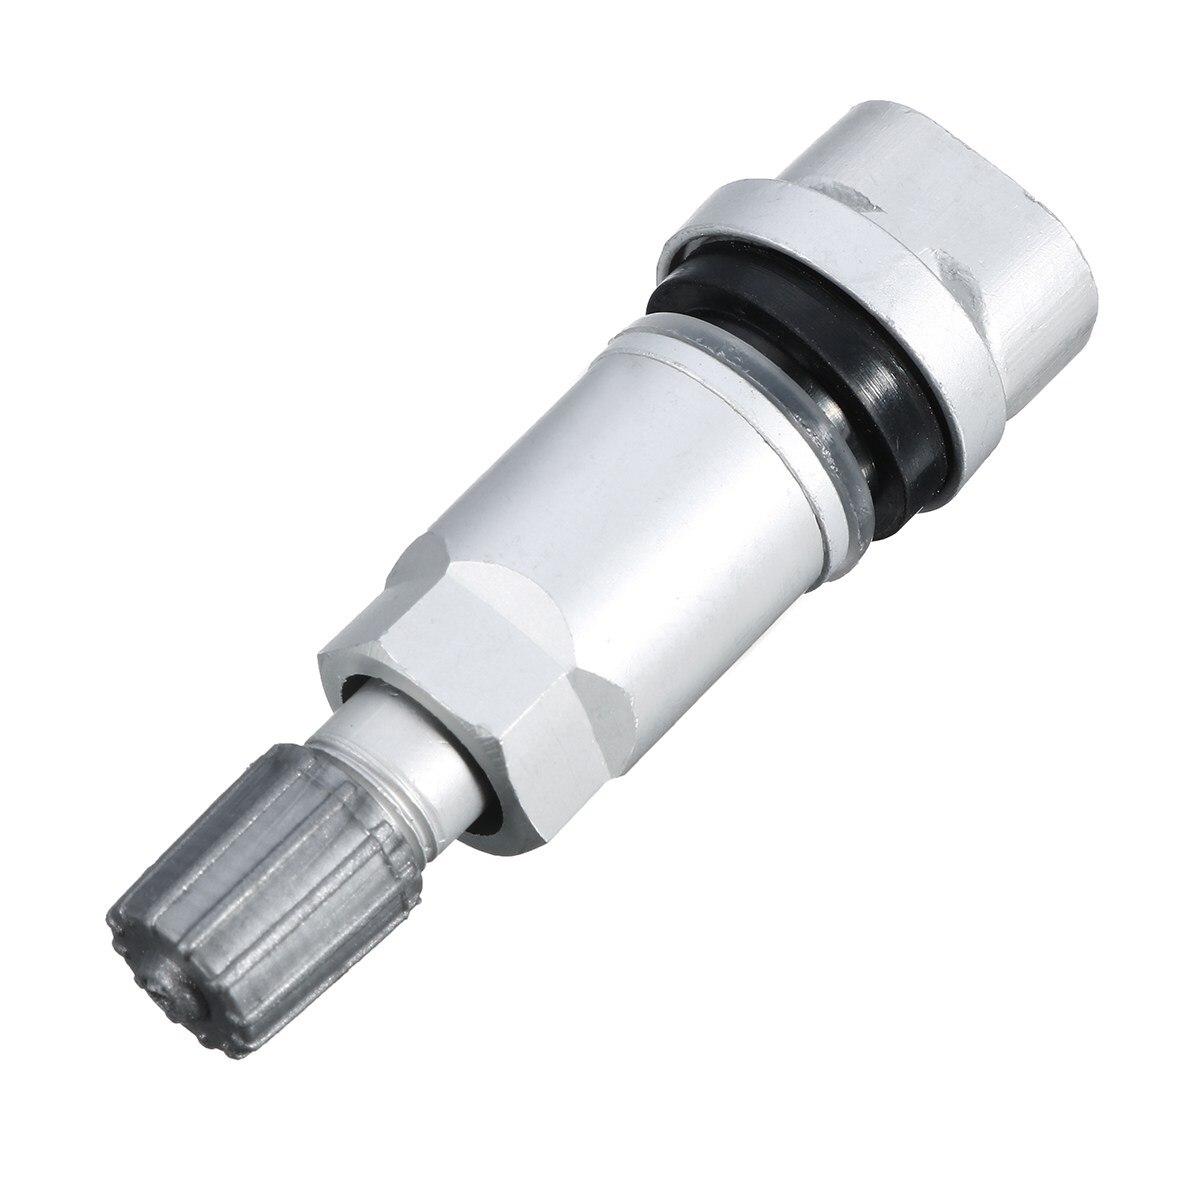 Image 2 - TPMS Tyre Pressure Sensor Valve Repair Kit Tool For Peugeot 407 607 807 /Citroen C4 C5-in Pressure Sensor from Automobiles & Motorcycles